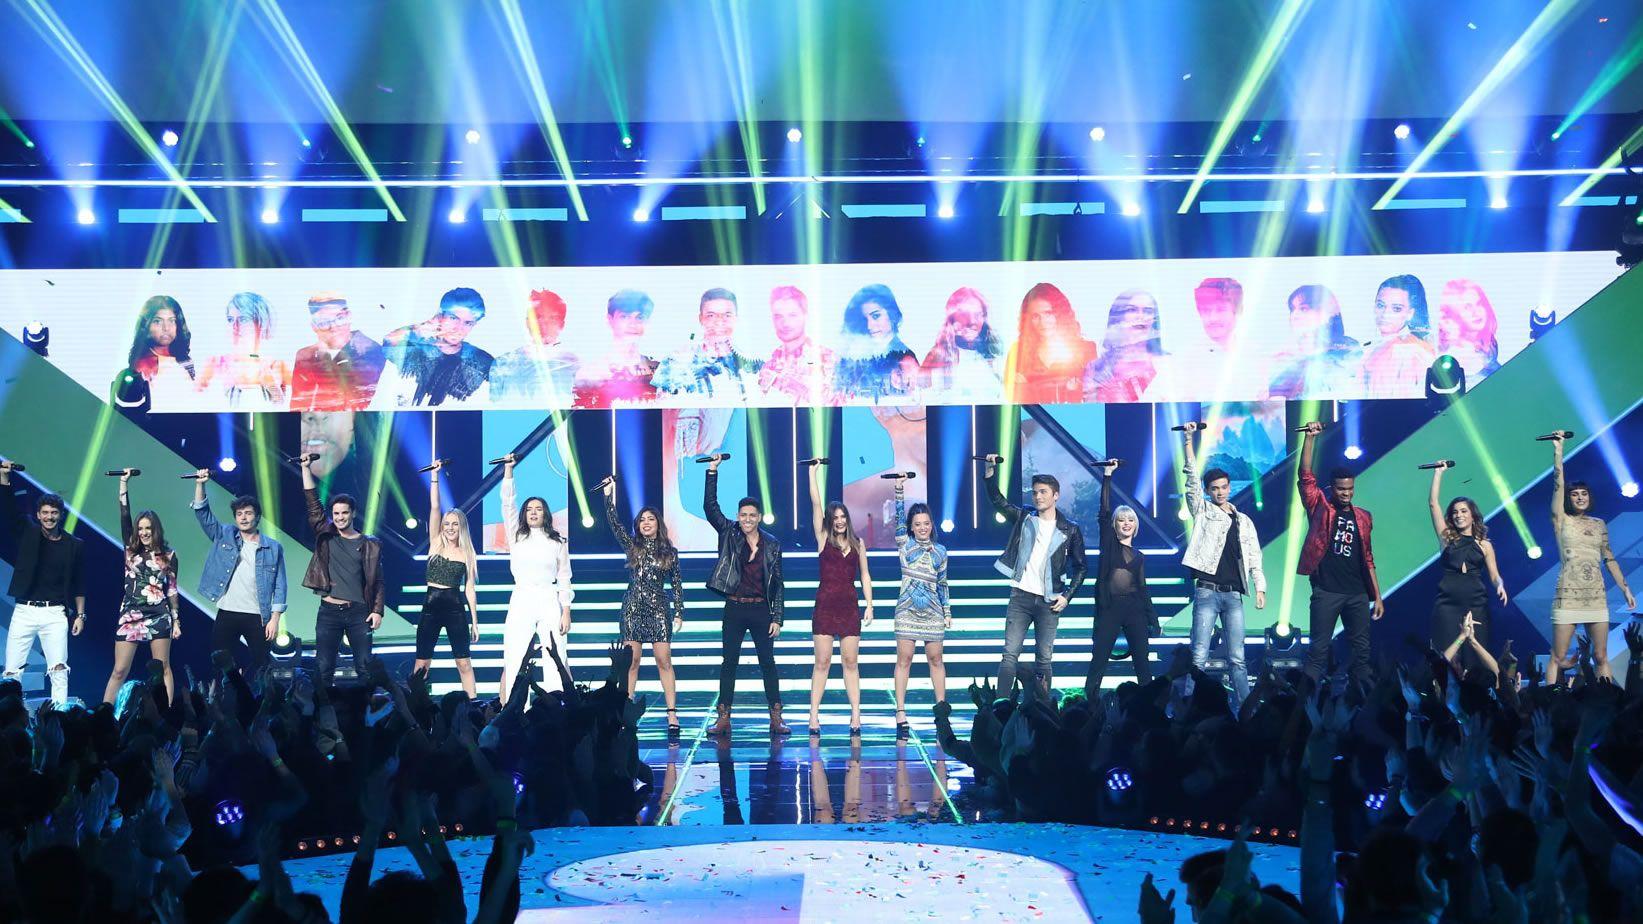 «La venda» representará a España en Eurovisión.Finalistas de la última edición de OT